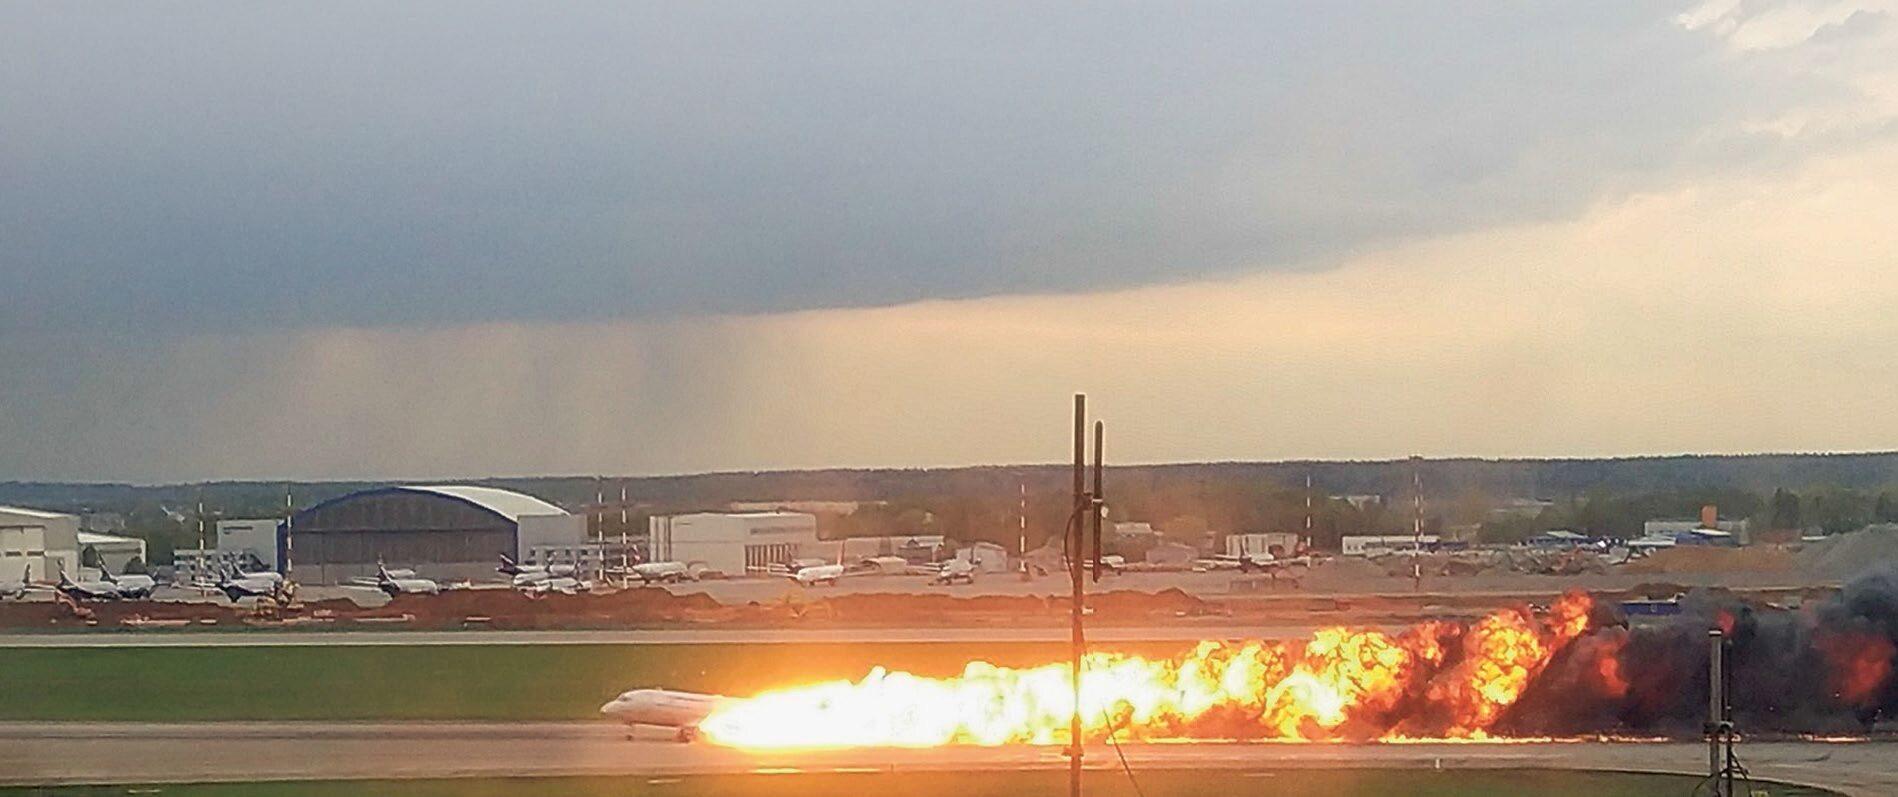 5 maja należący do Aerofłotu superjet 100 podczas awaryjnego lądowania stanął w płomieniach. Zginęło 41 osób